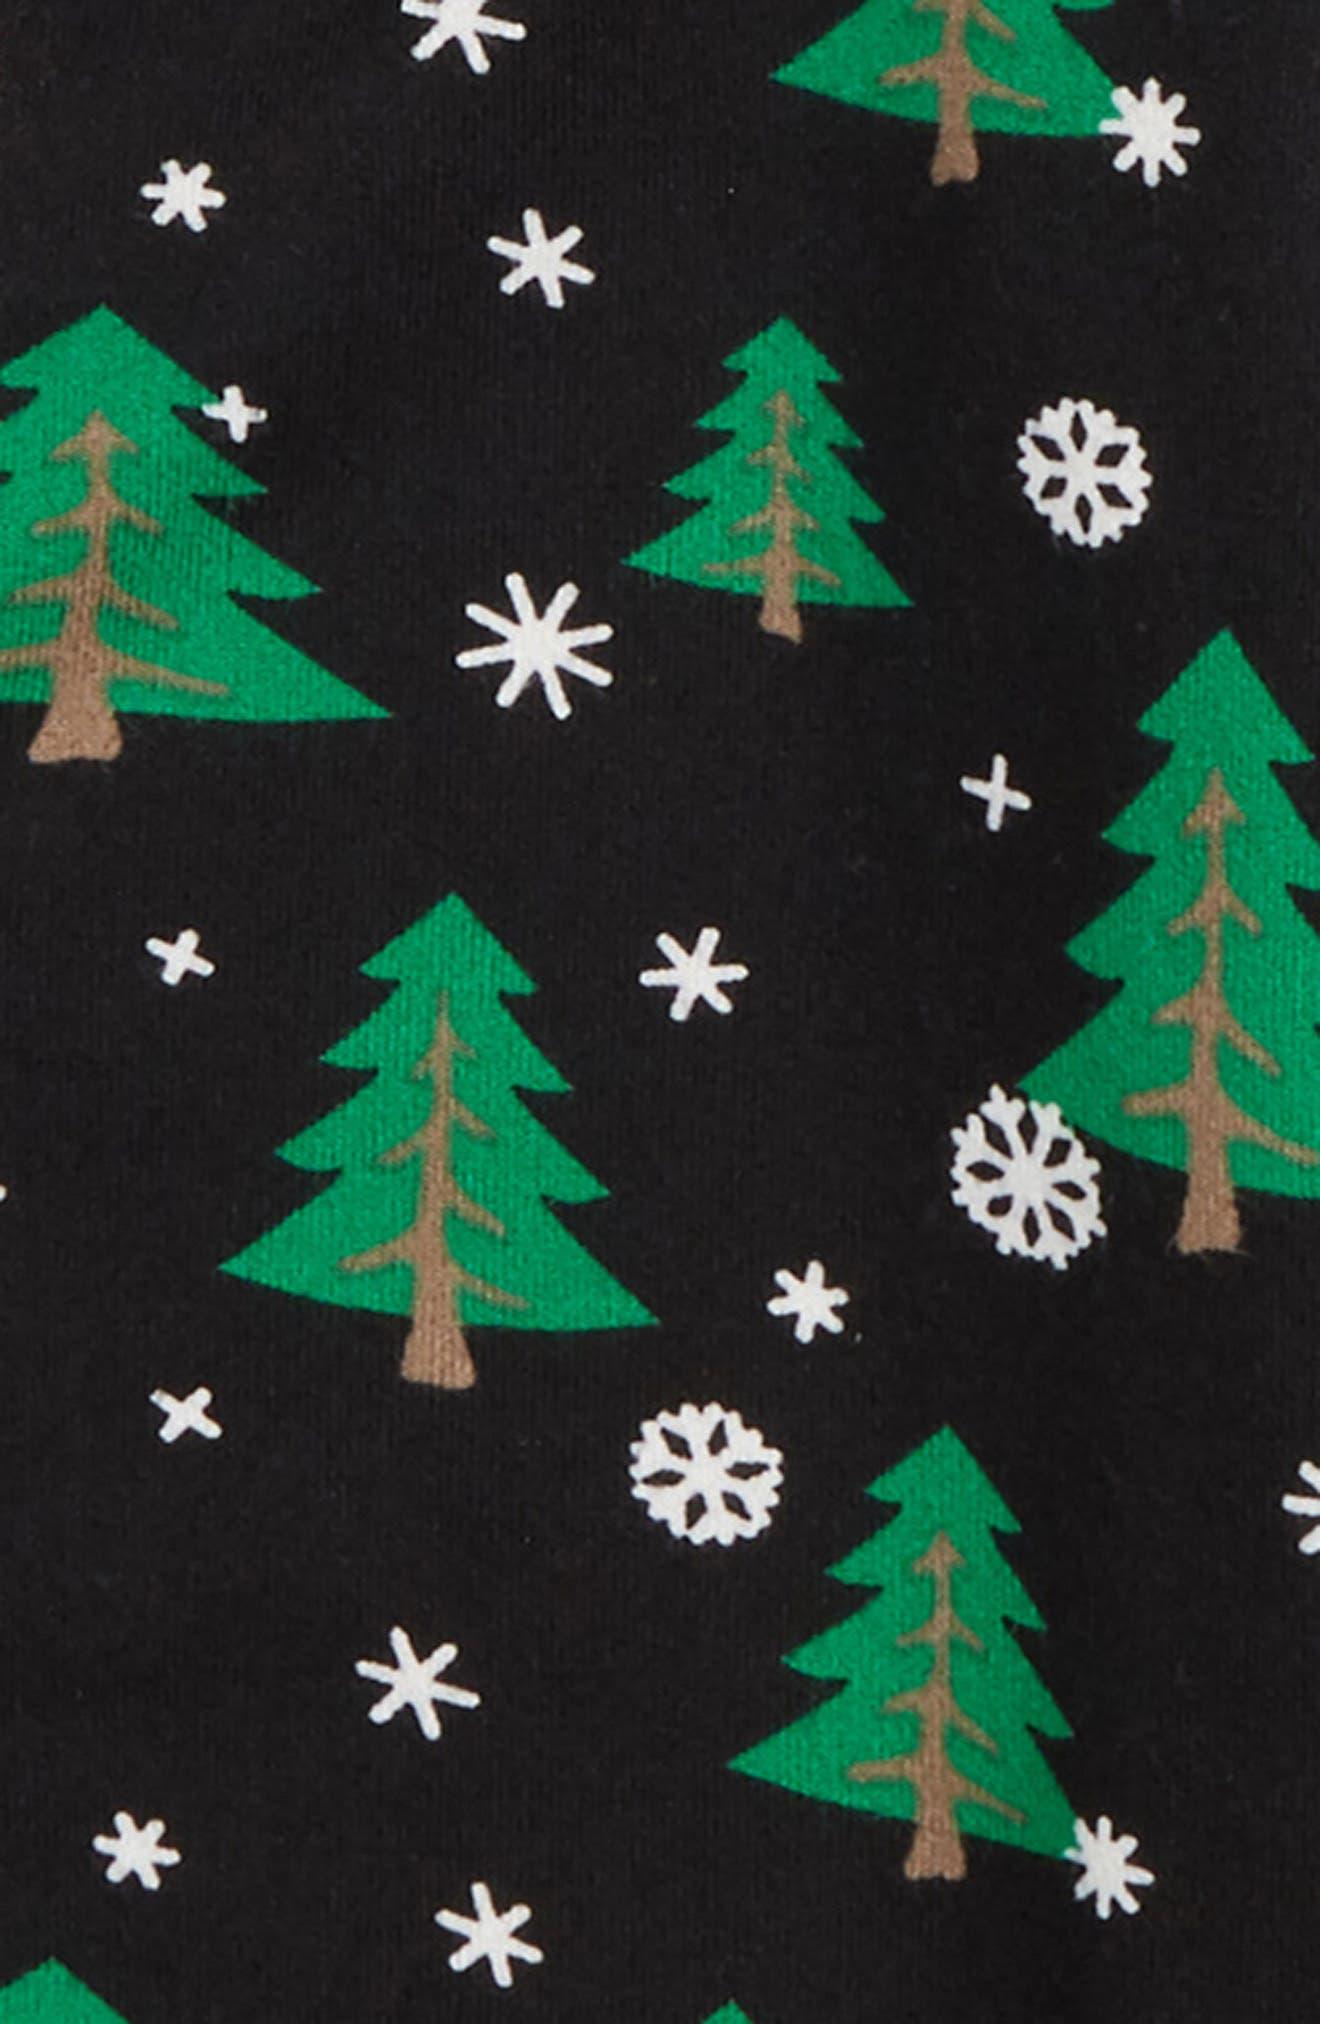 Christmas Tree Two-Piece Pajamas,                             Alternate thumbnail 2, color,                             001